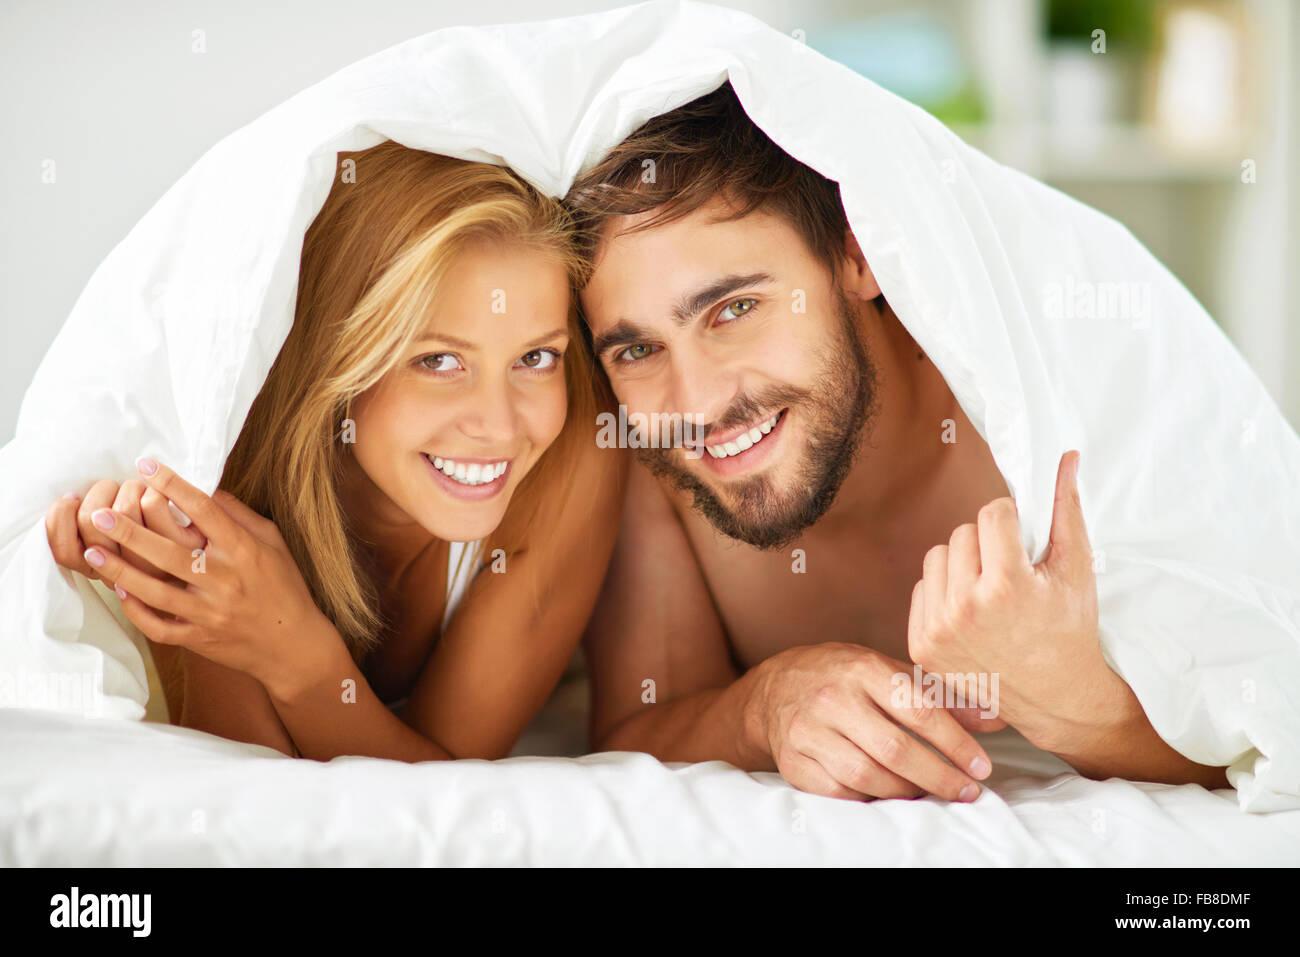 Felice date sotto coperta guardando la telecamera con un sorriso Immagini Stock